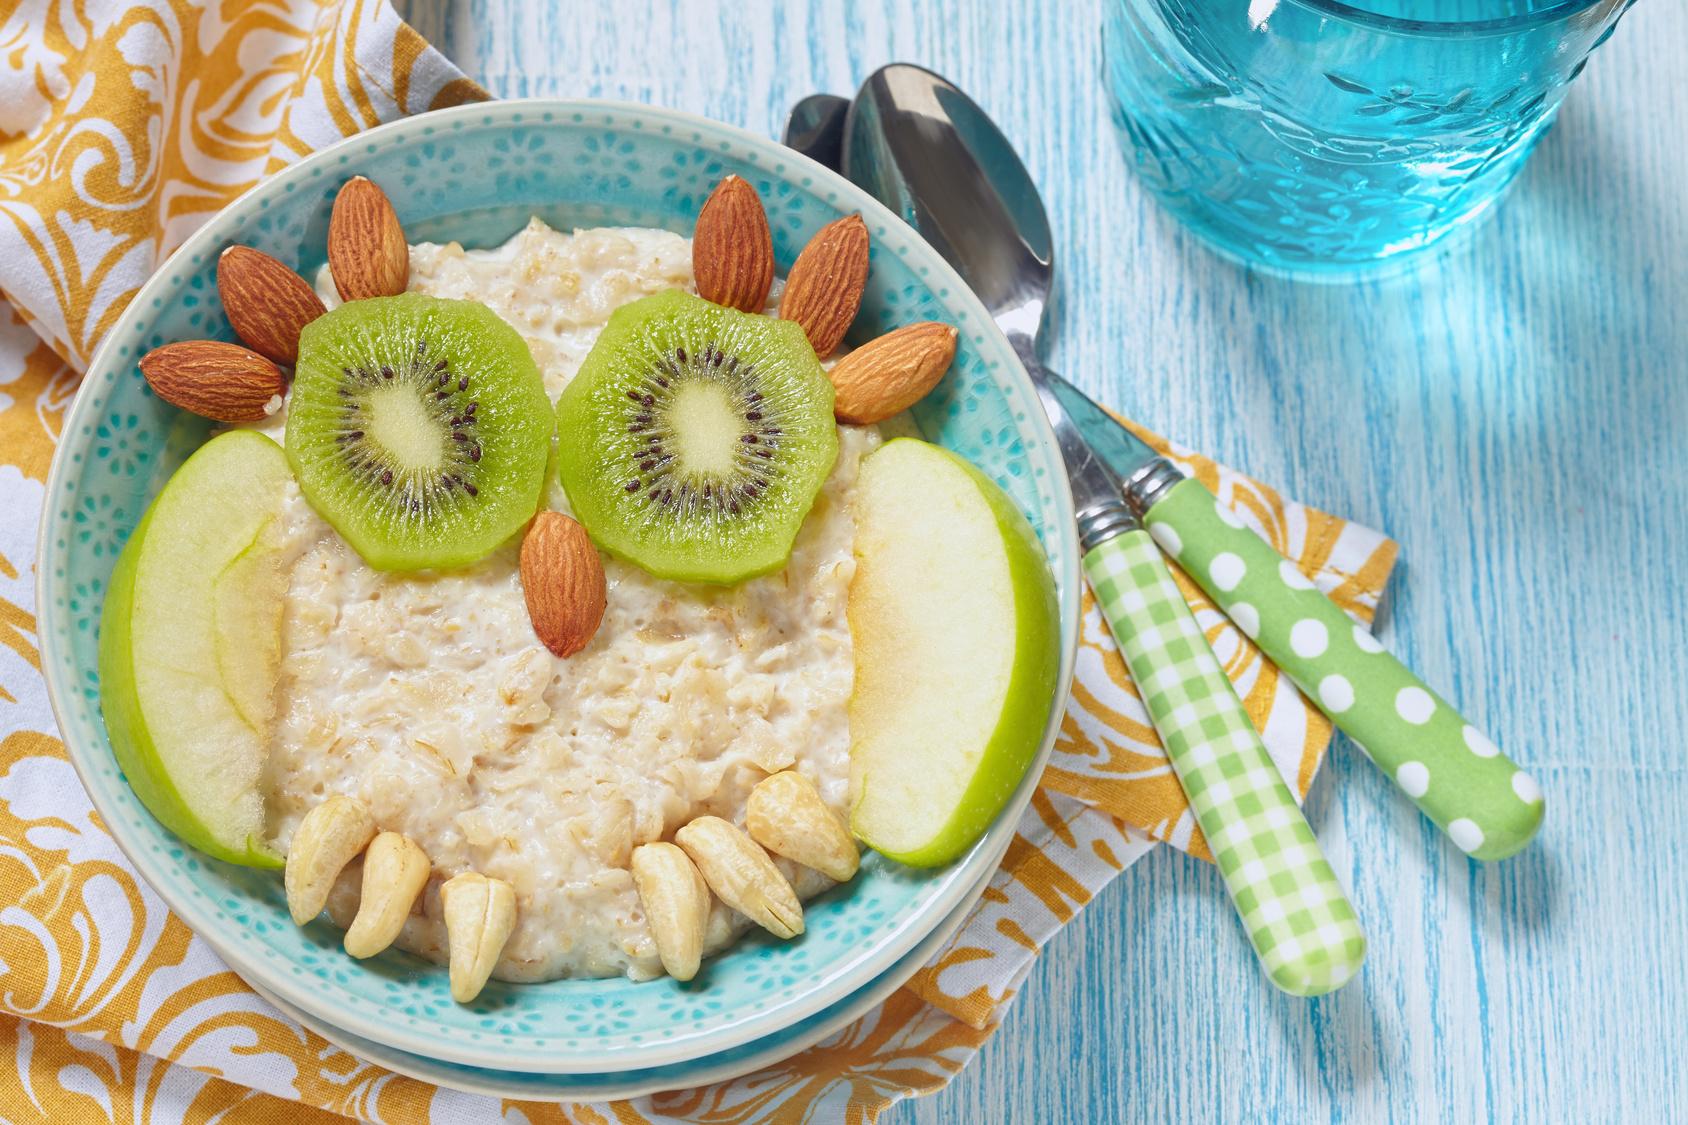 Kinder Frühstück mit Früchten und Nüssen